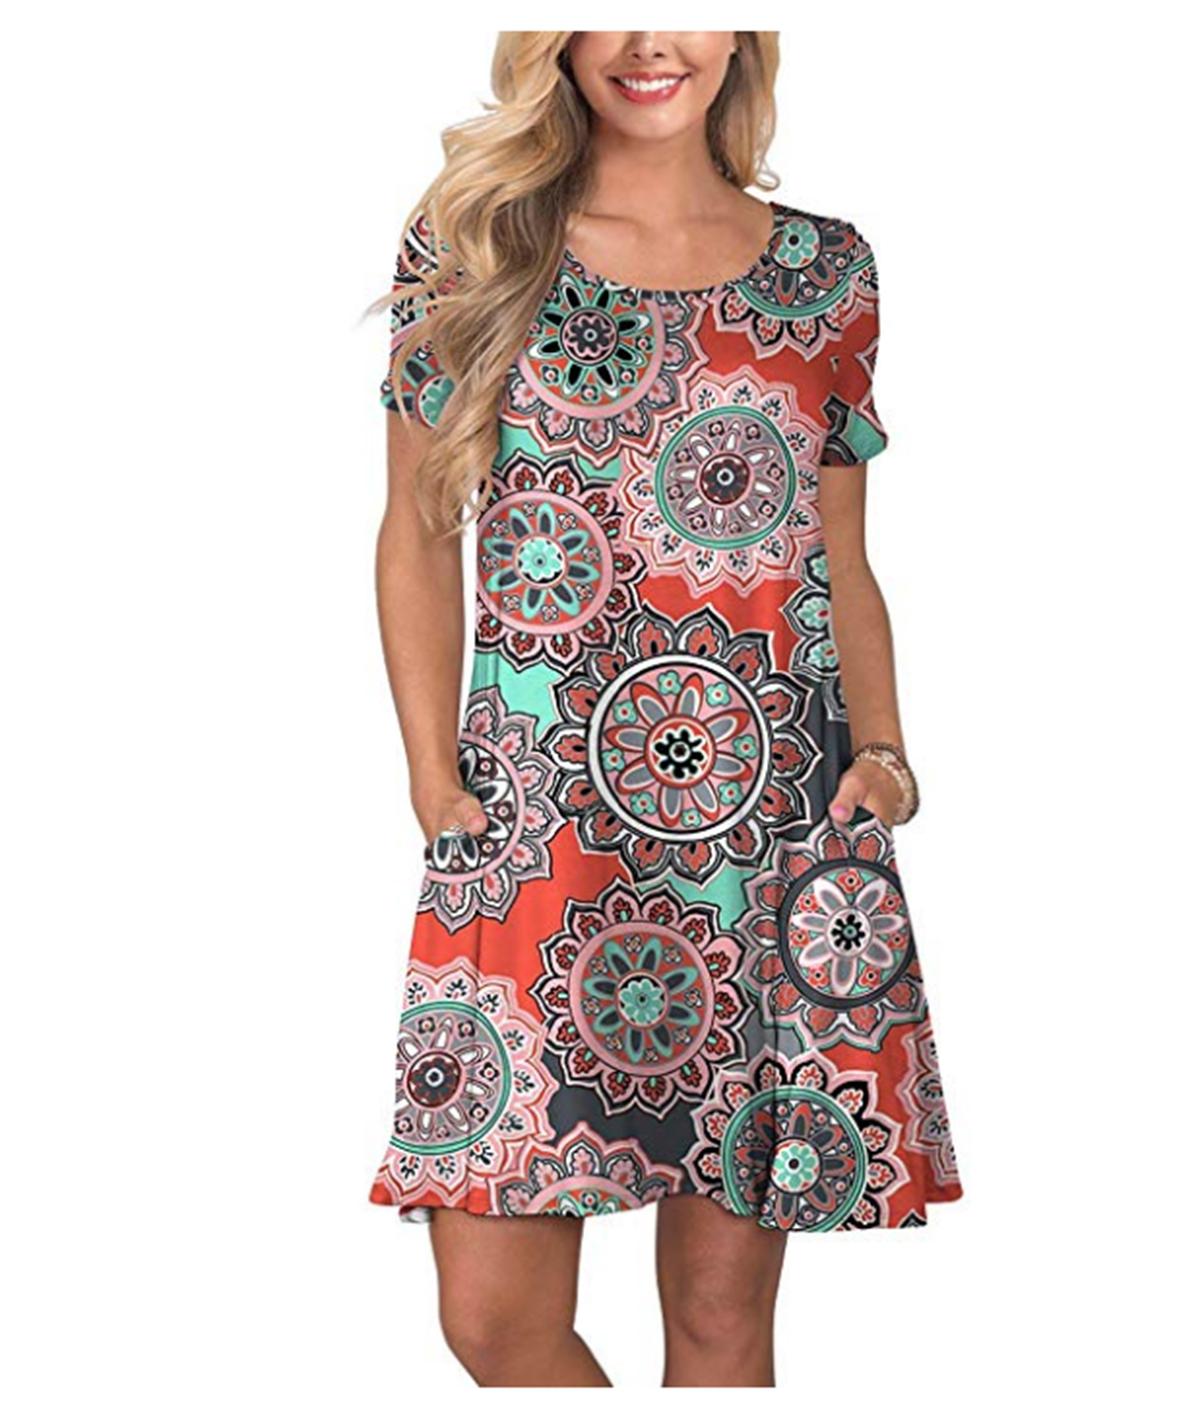 KORSIS Women's Summer Casual T-shirt Dress